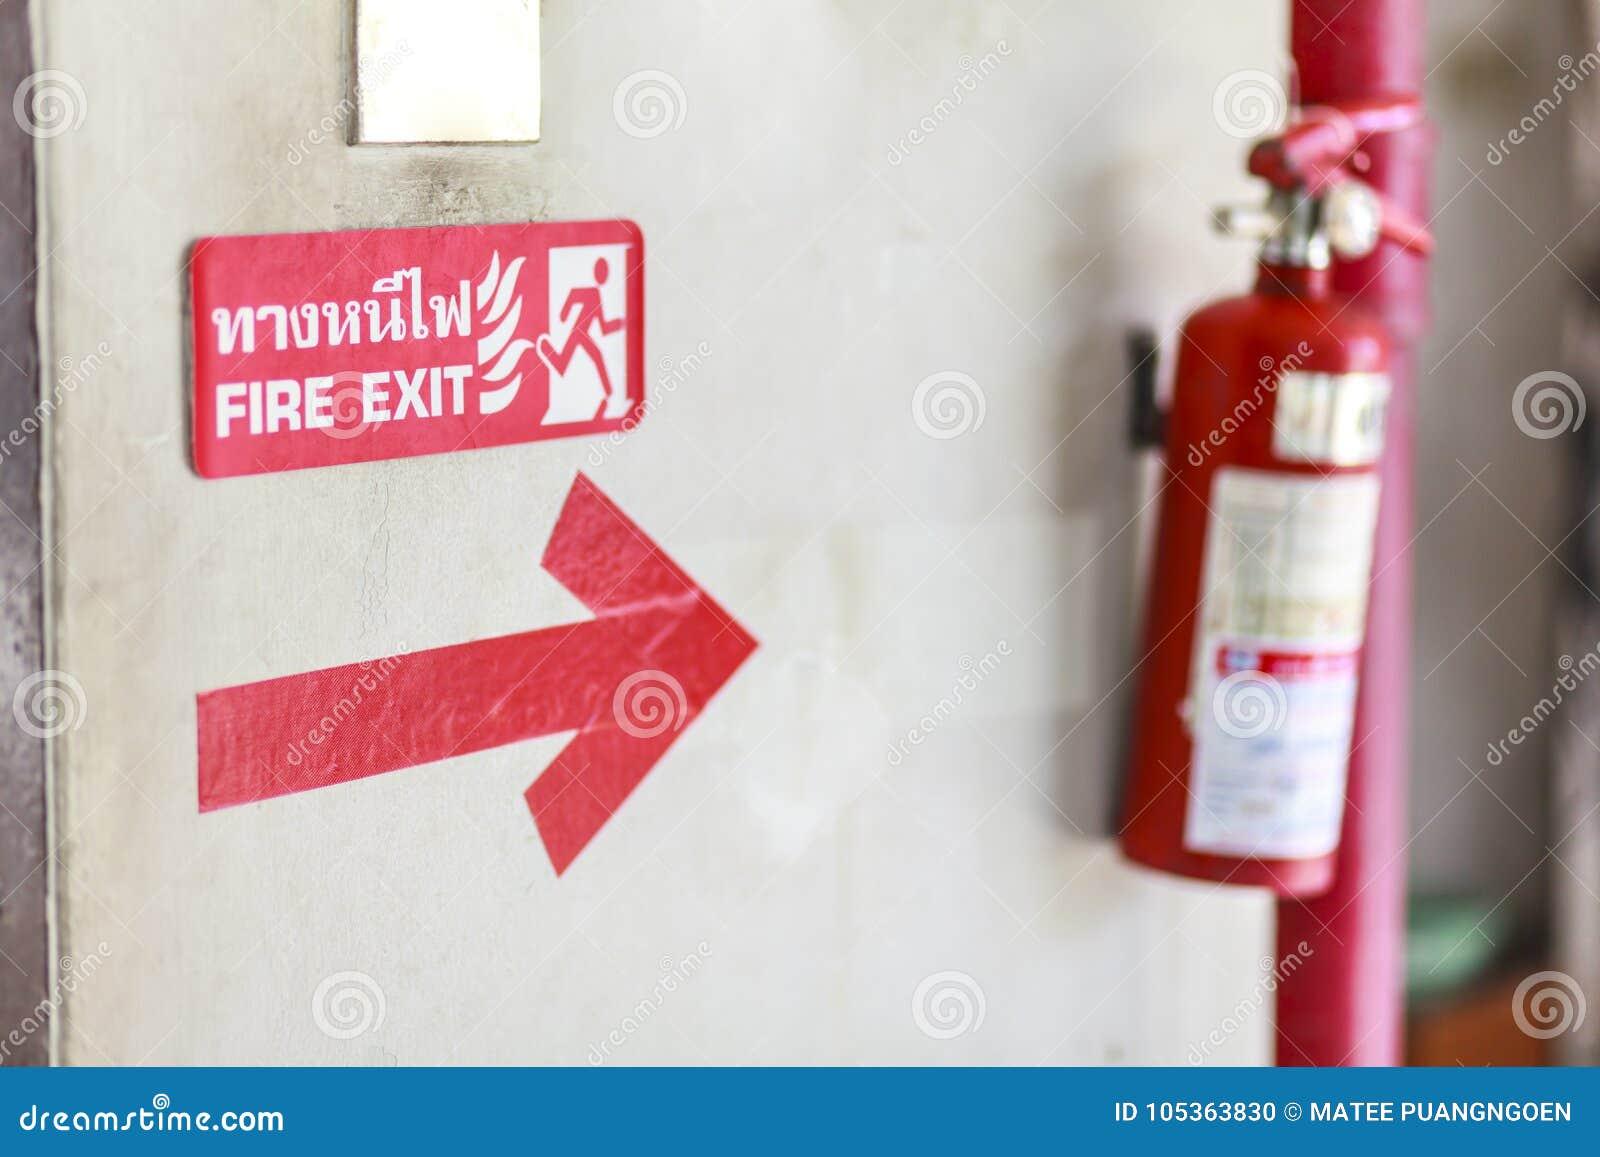 η τρισδιάστατη εικόνα πυρκαγιάς πυροσβεστήρων ανασκόπησης απομόνωσε το λευκό